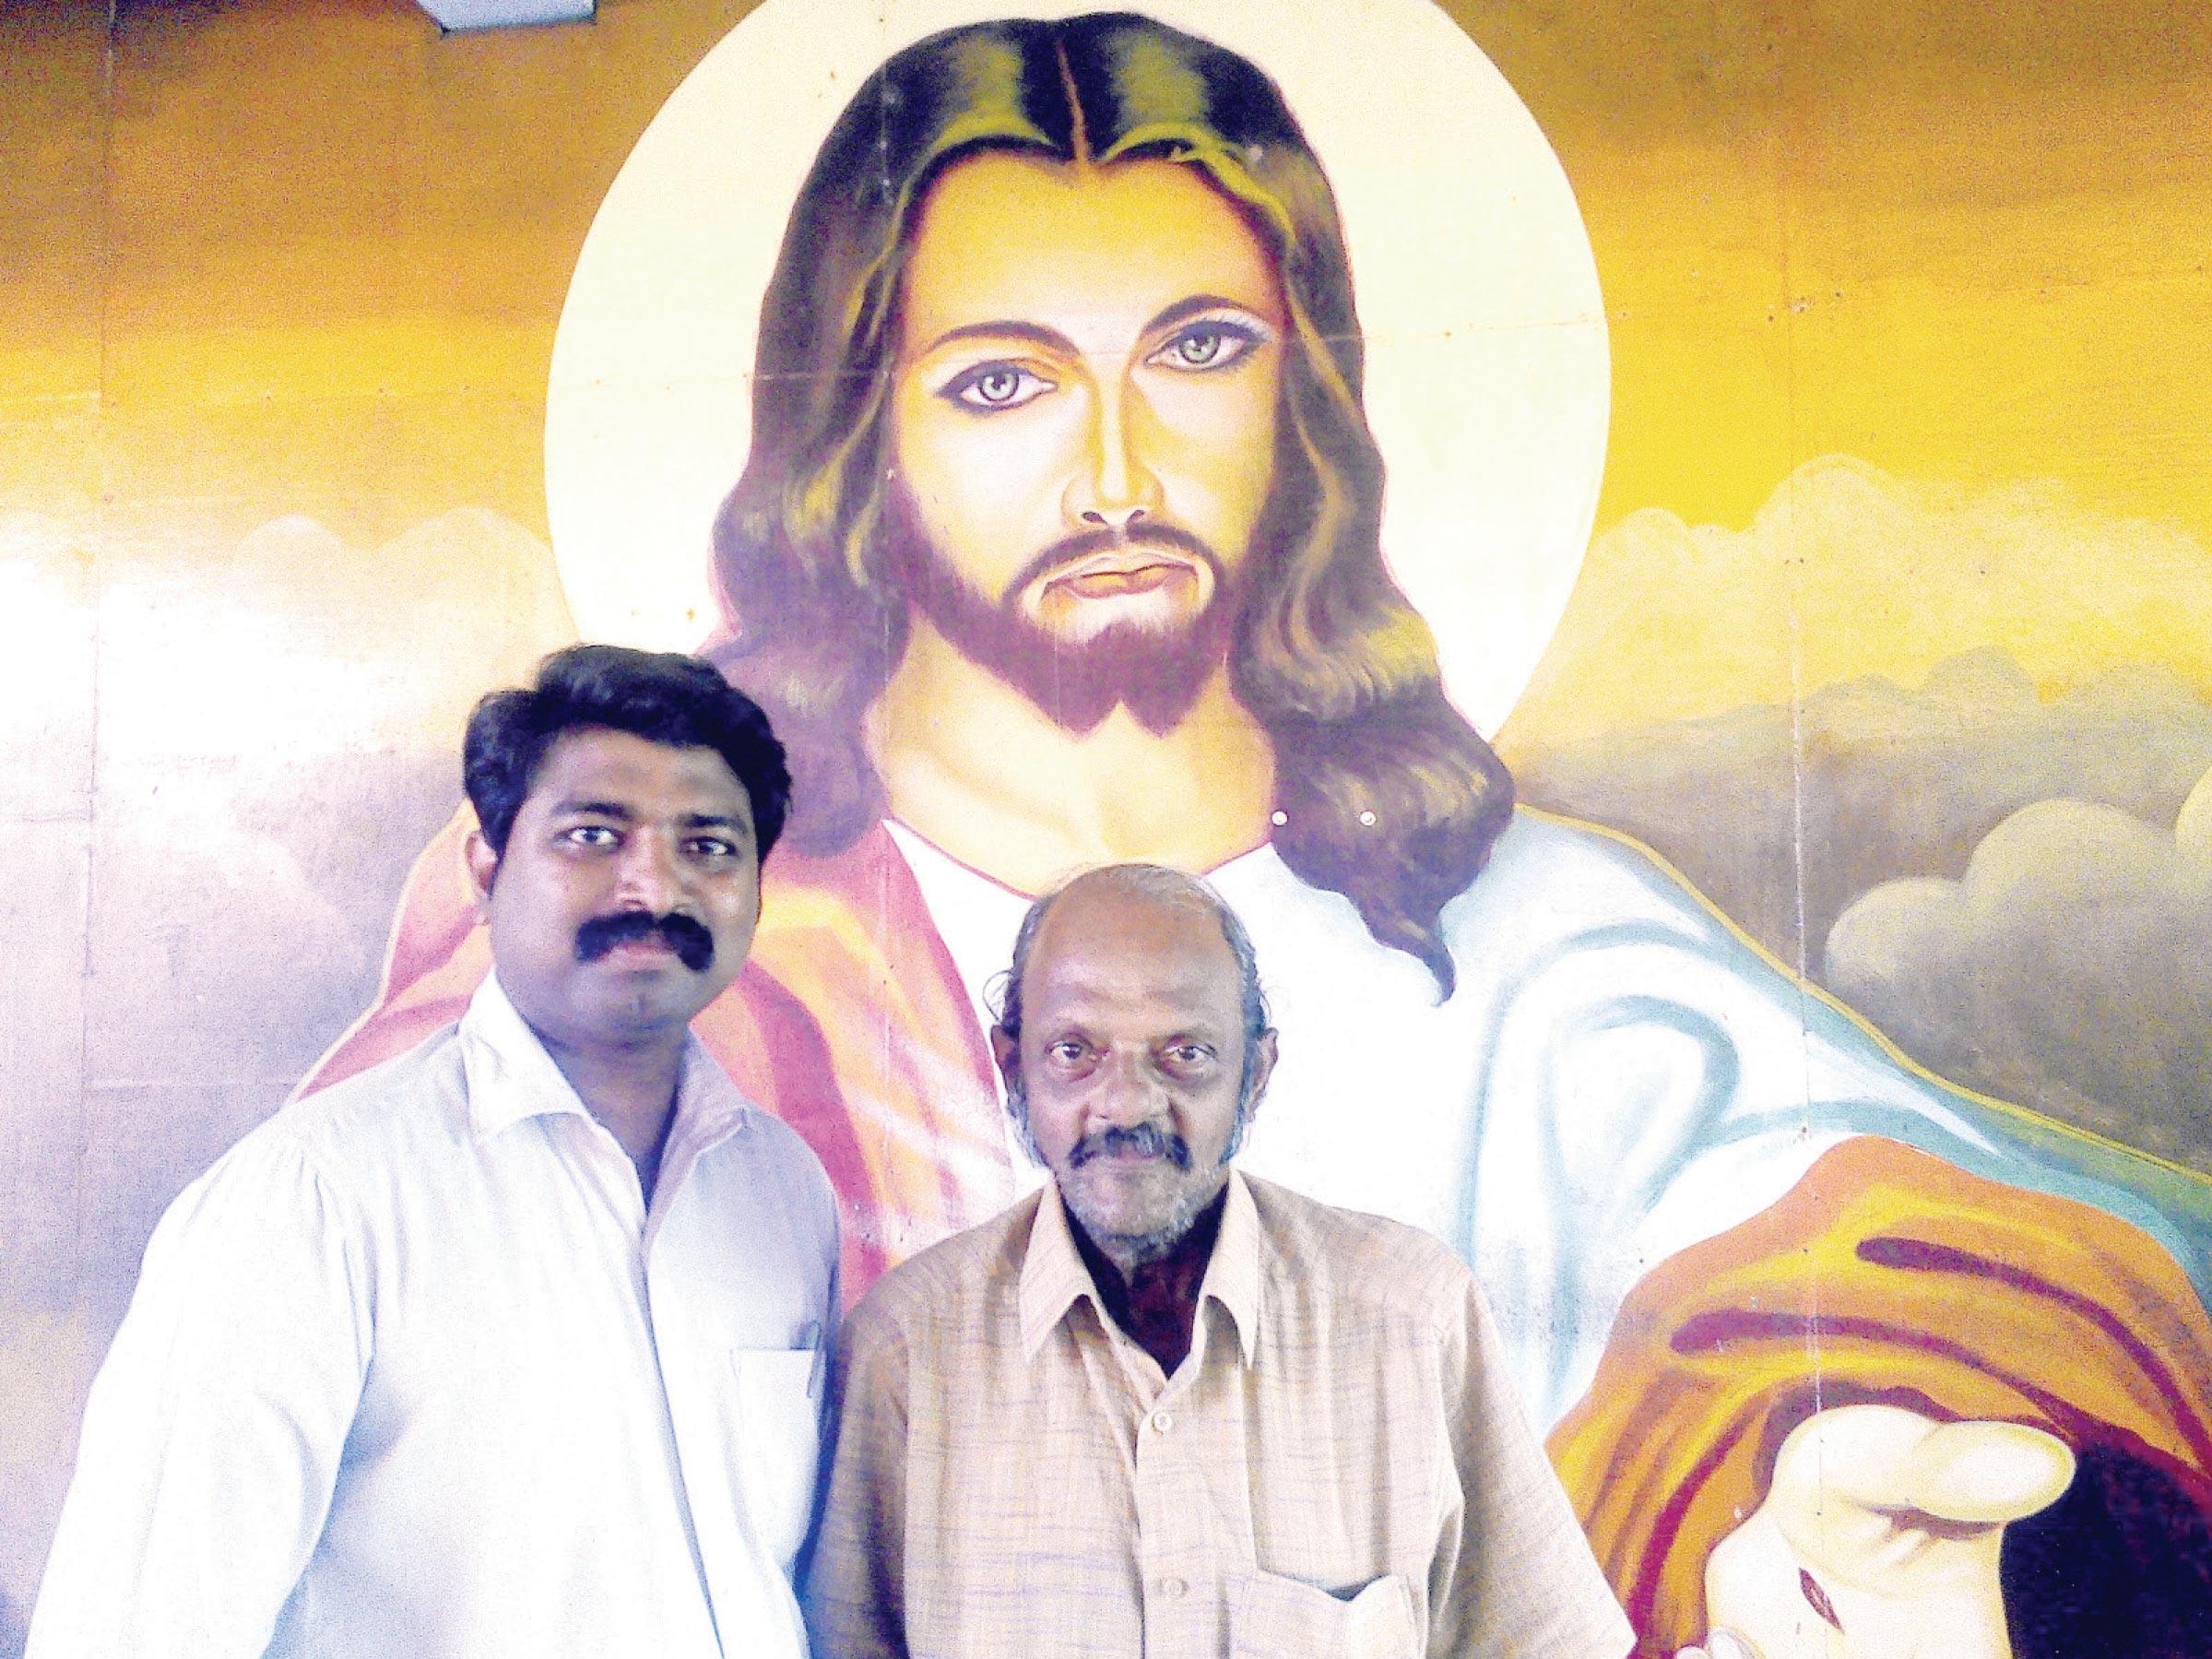 മുന്ഷി വേണു  ജോഫിന് ജോസഫിനൊപ്പം